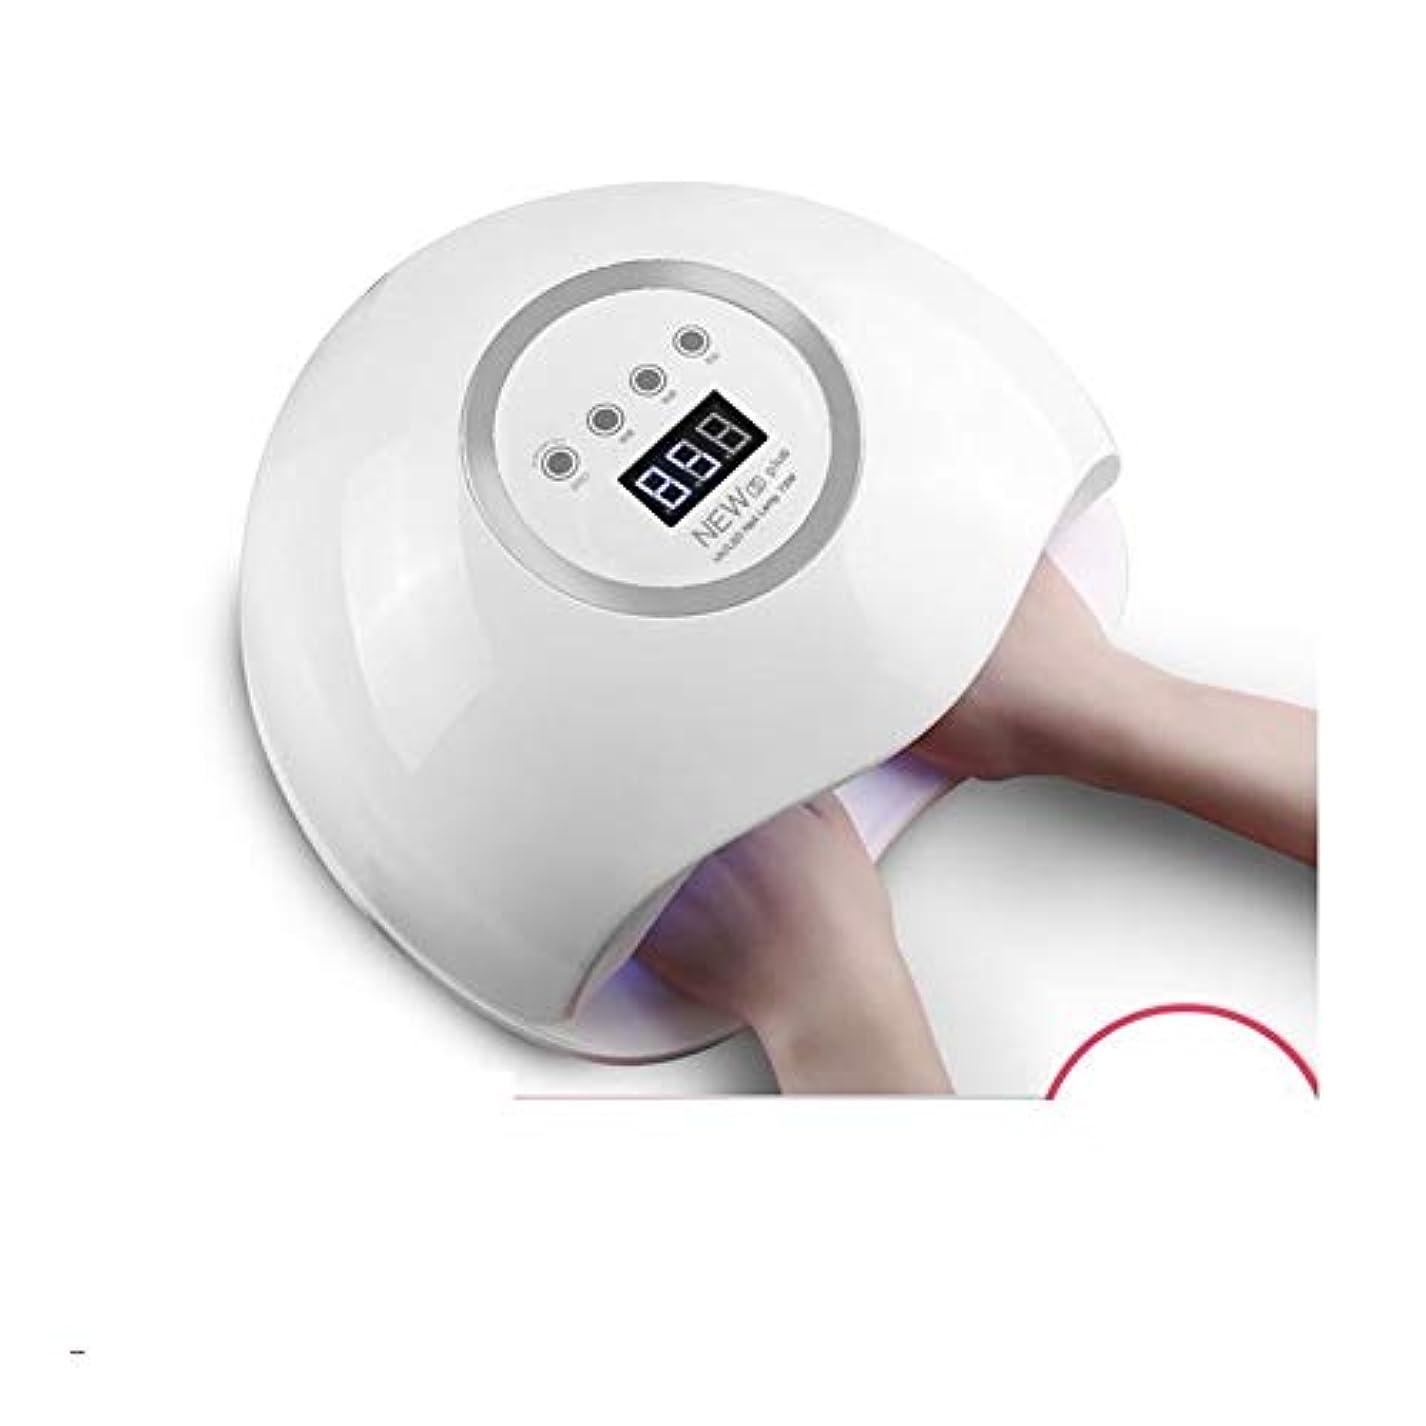 何よりも和砦LittleCat 速乾性ネイルUVドライヤーの熱ランプLEDネイル無痛インテリジェントセンサー太陽灯 (色 : European standard circular plug)